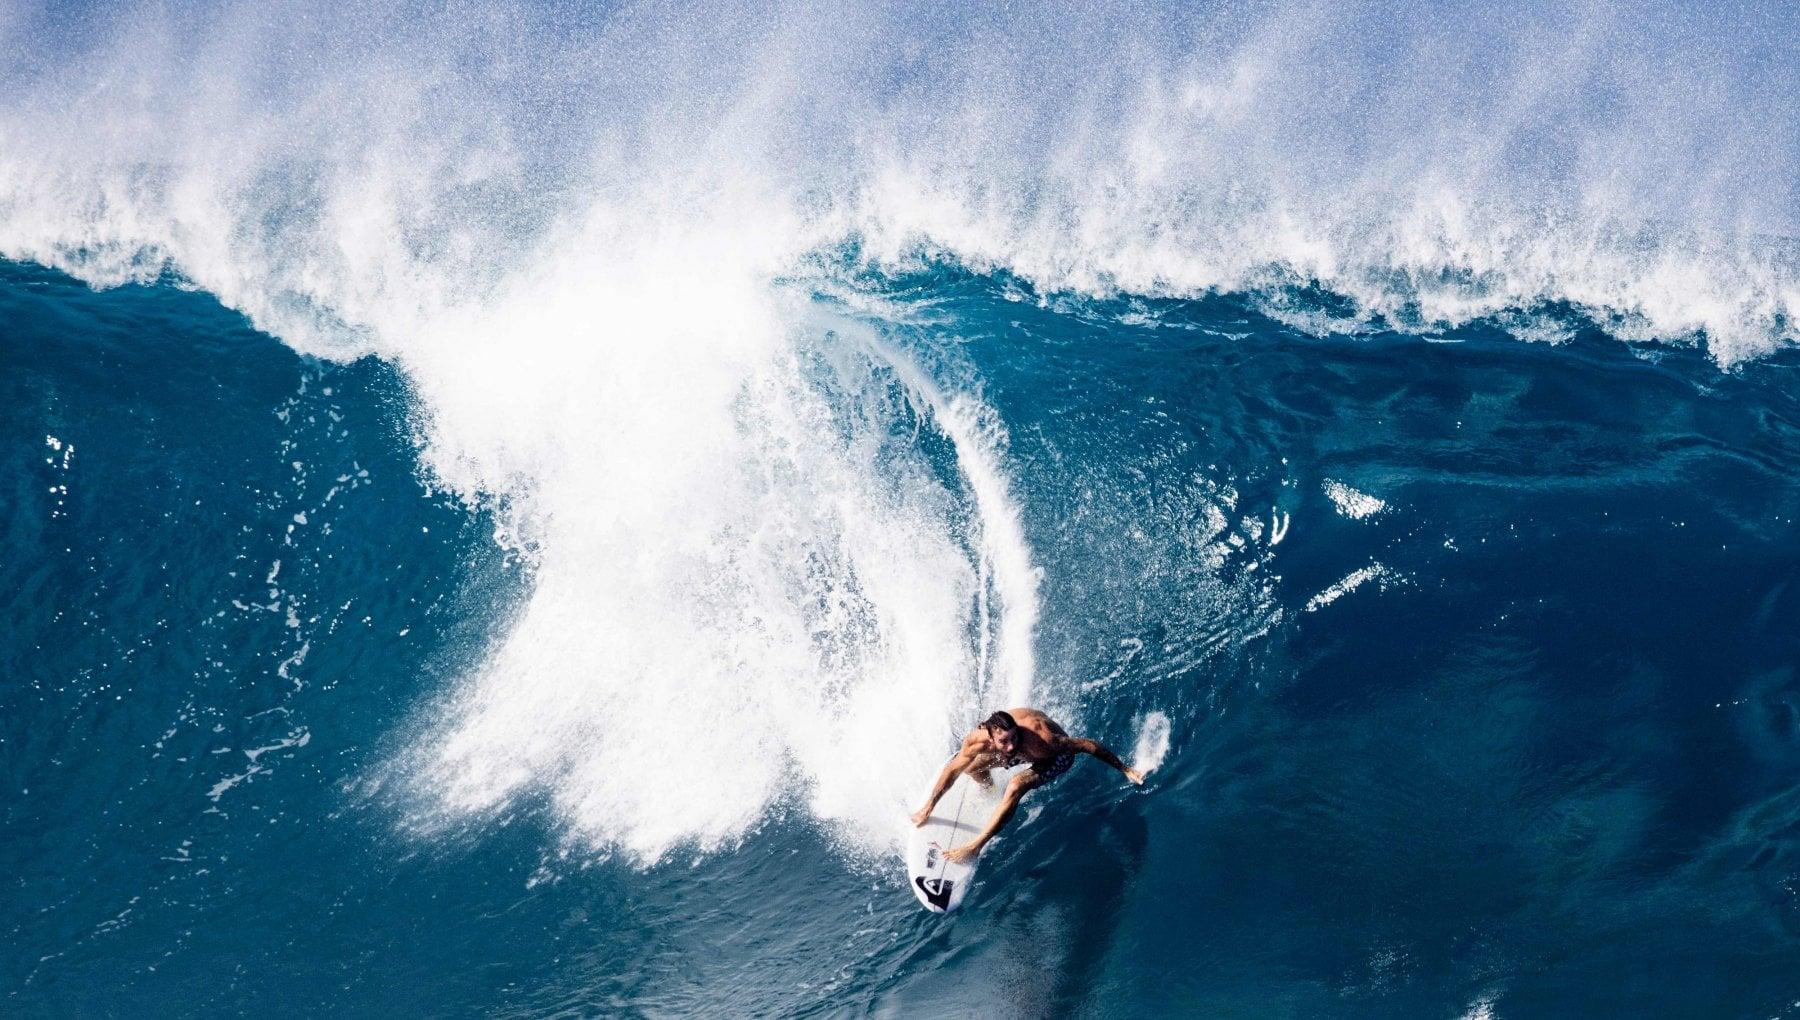 """162047578 af7620c4 5833 4690 b078 c5c94b9e3db7 - """"Stai a guardare..."""". E il surfista salva una donna tra le onde delle Hawaii"""